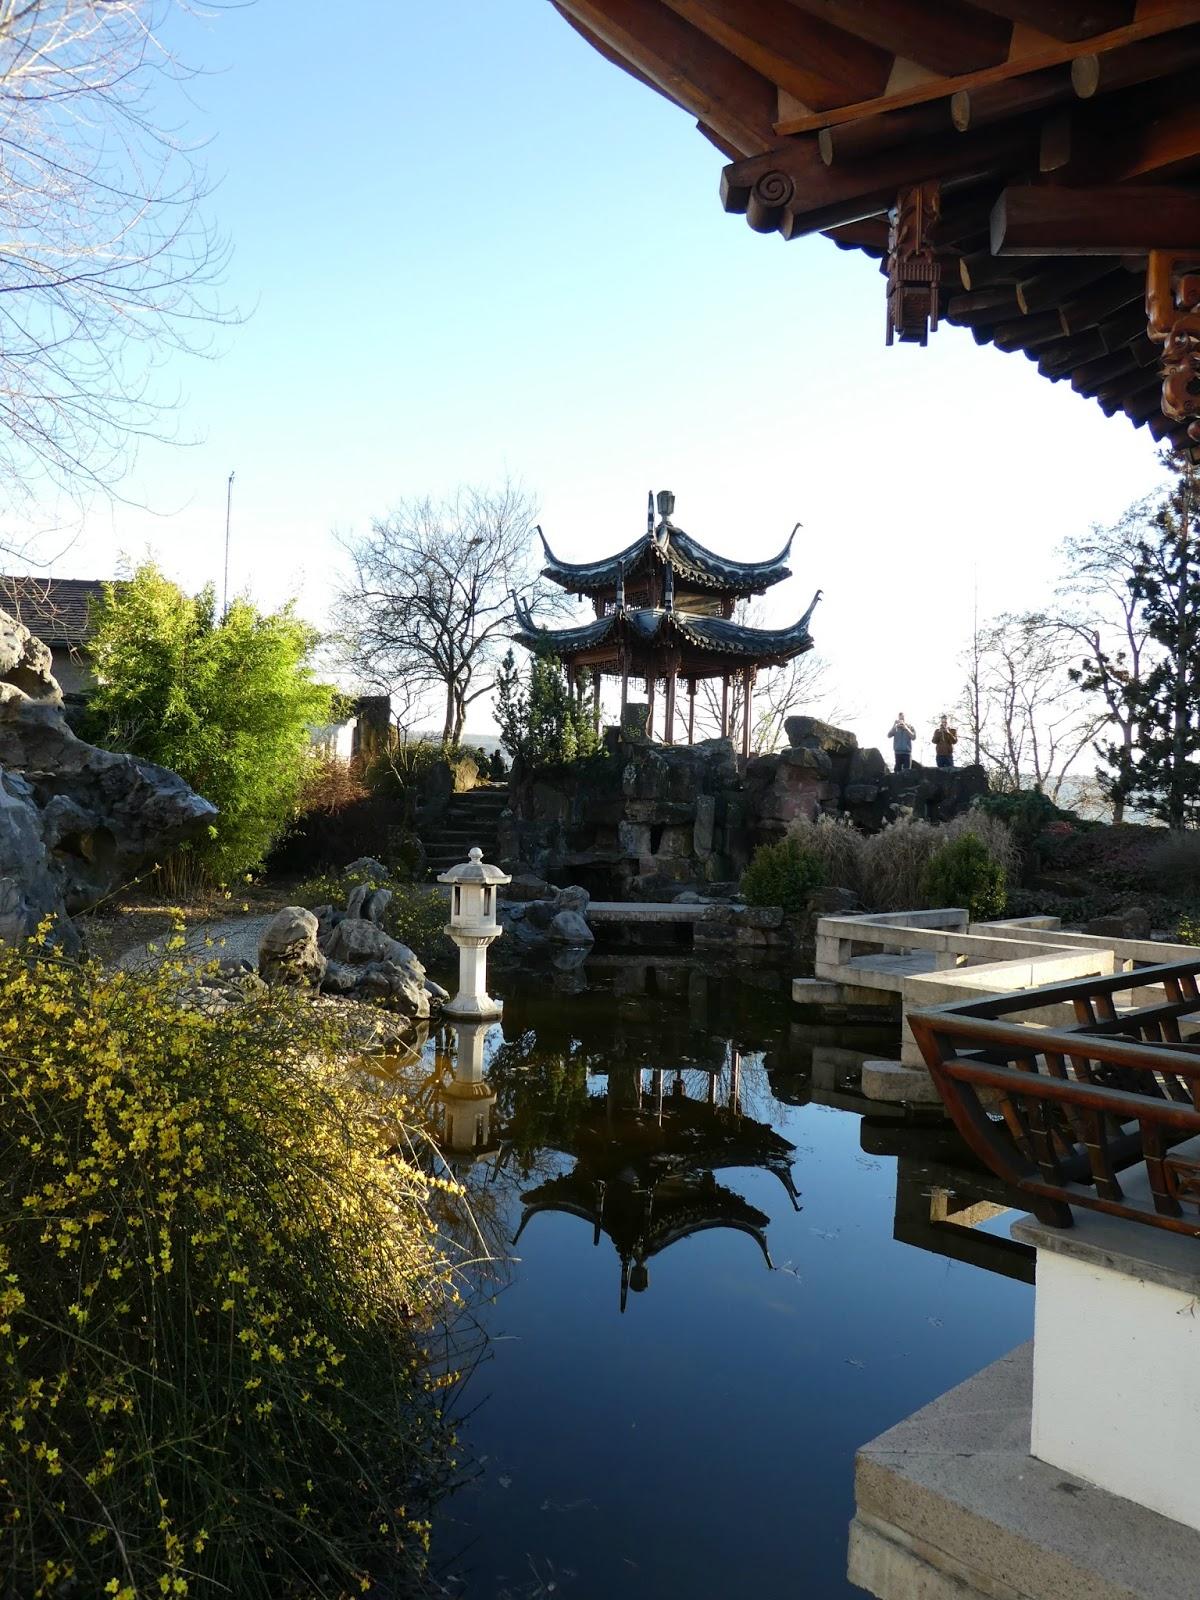 Auf Trallafitti Der Chinesische Garten In Stuttgart Kleinod Mit